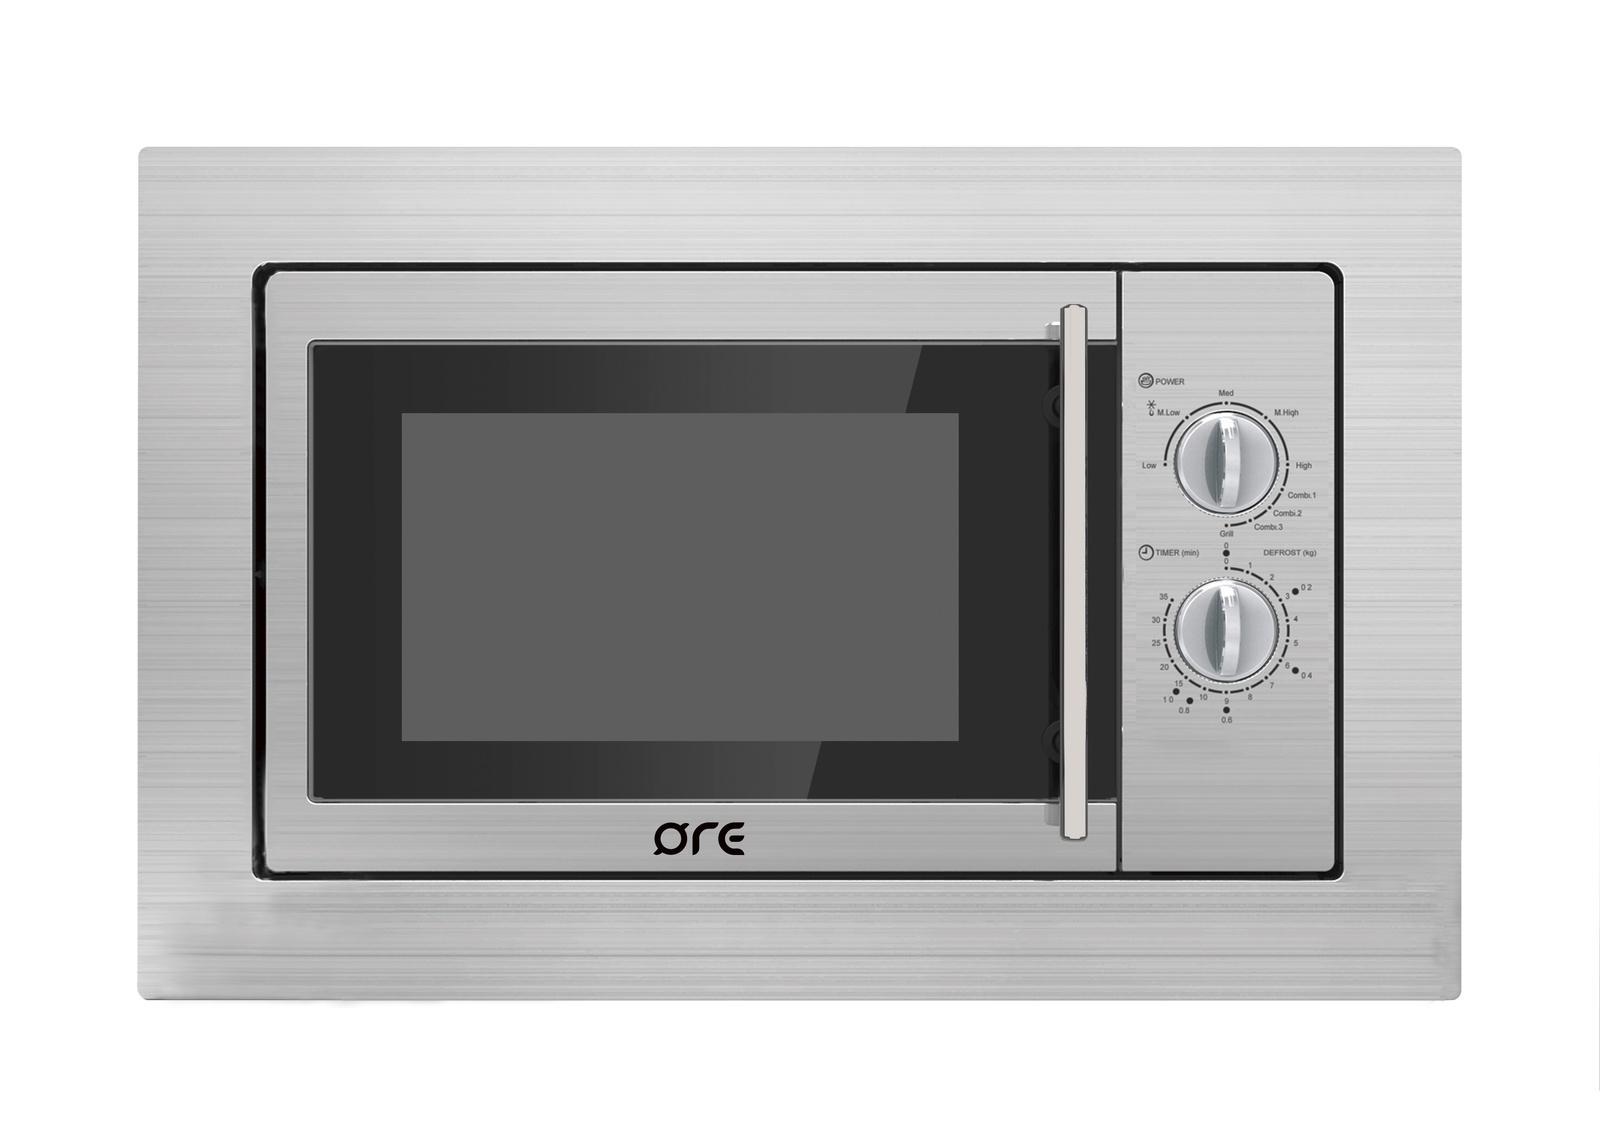 Микроволновая печь ORE MWA20, серый металликBFL554MW0Встраиваемая микроволновая печь ORE MWA20 является надежным помощником на кухне. Стильный внешний вид, современный дизайн с фасадом, изготовленным из высококачественной нержавеющей стали, прекрасно впишется в любое кухонное пространство. Надежность, простое управление и низкая цена - вот что отличает данную модель бренда ORE. Гарантия -2 годаОбъем - 20 л.Размер фасада- 384*595 мм.